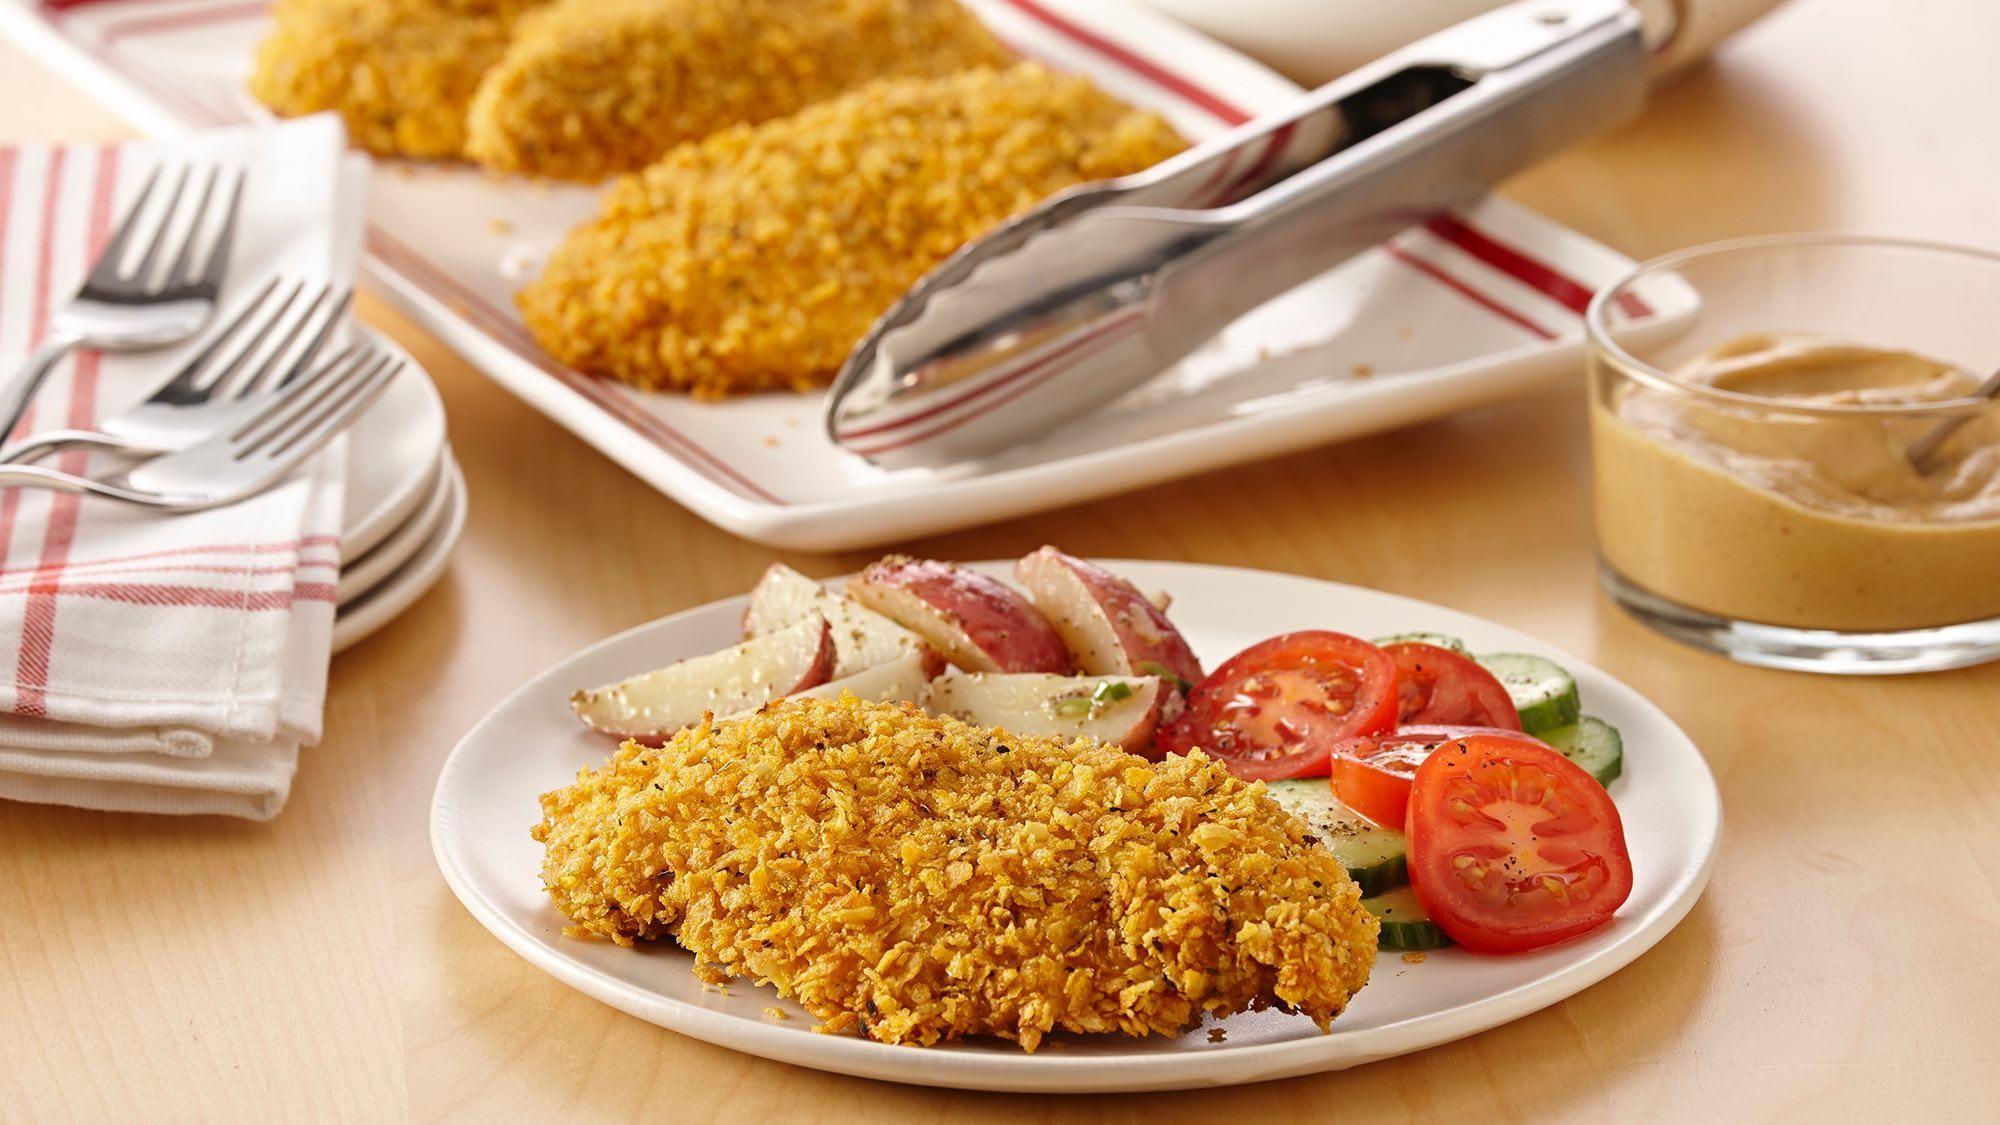 Glutenfree ovenfried chicken recipe fries in the